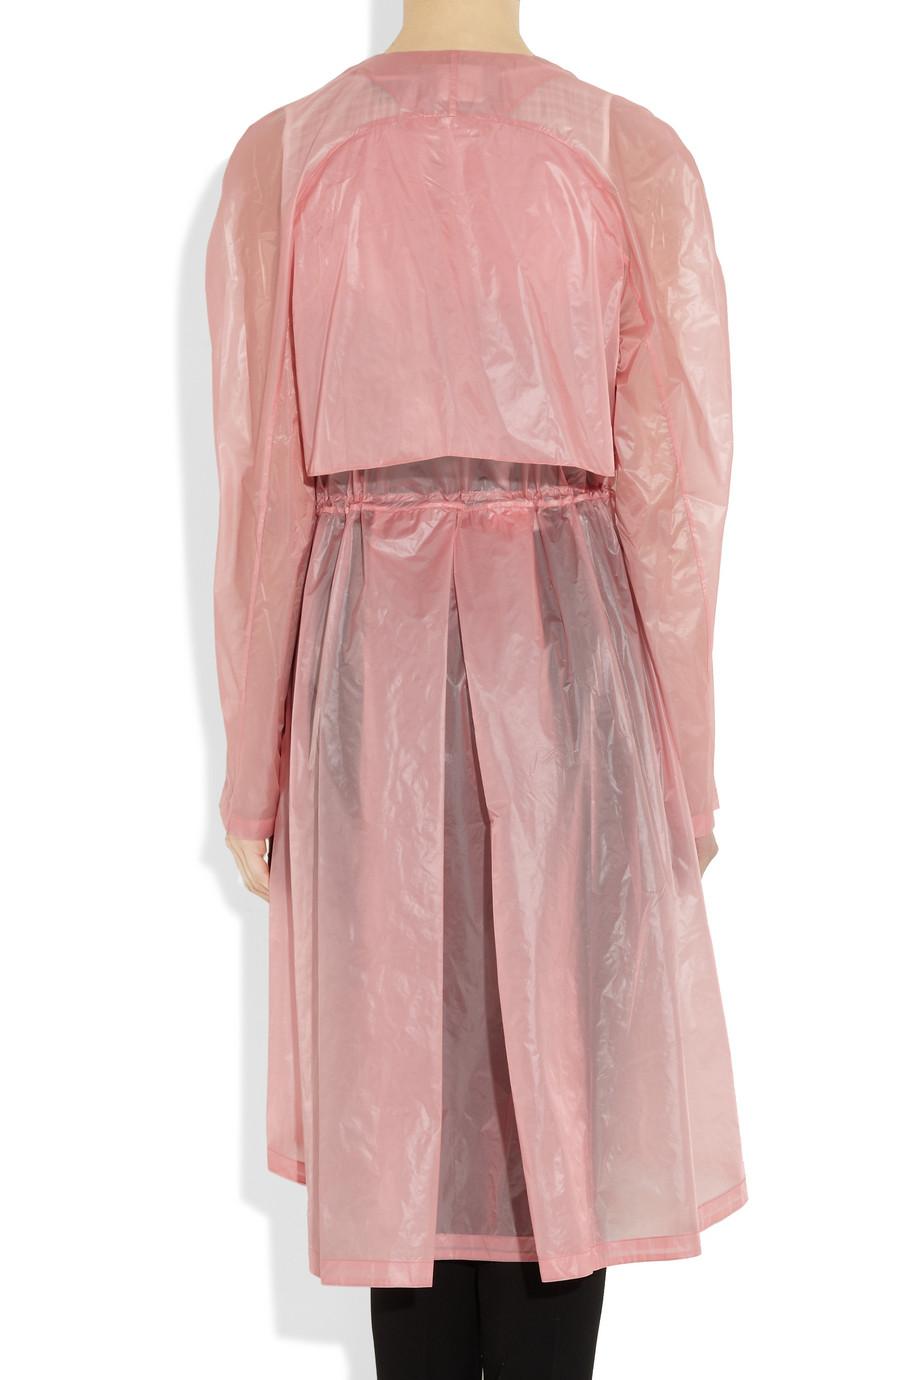 Lyst Jason Wu Coated Nylon Jacket In Pink